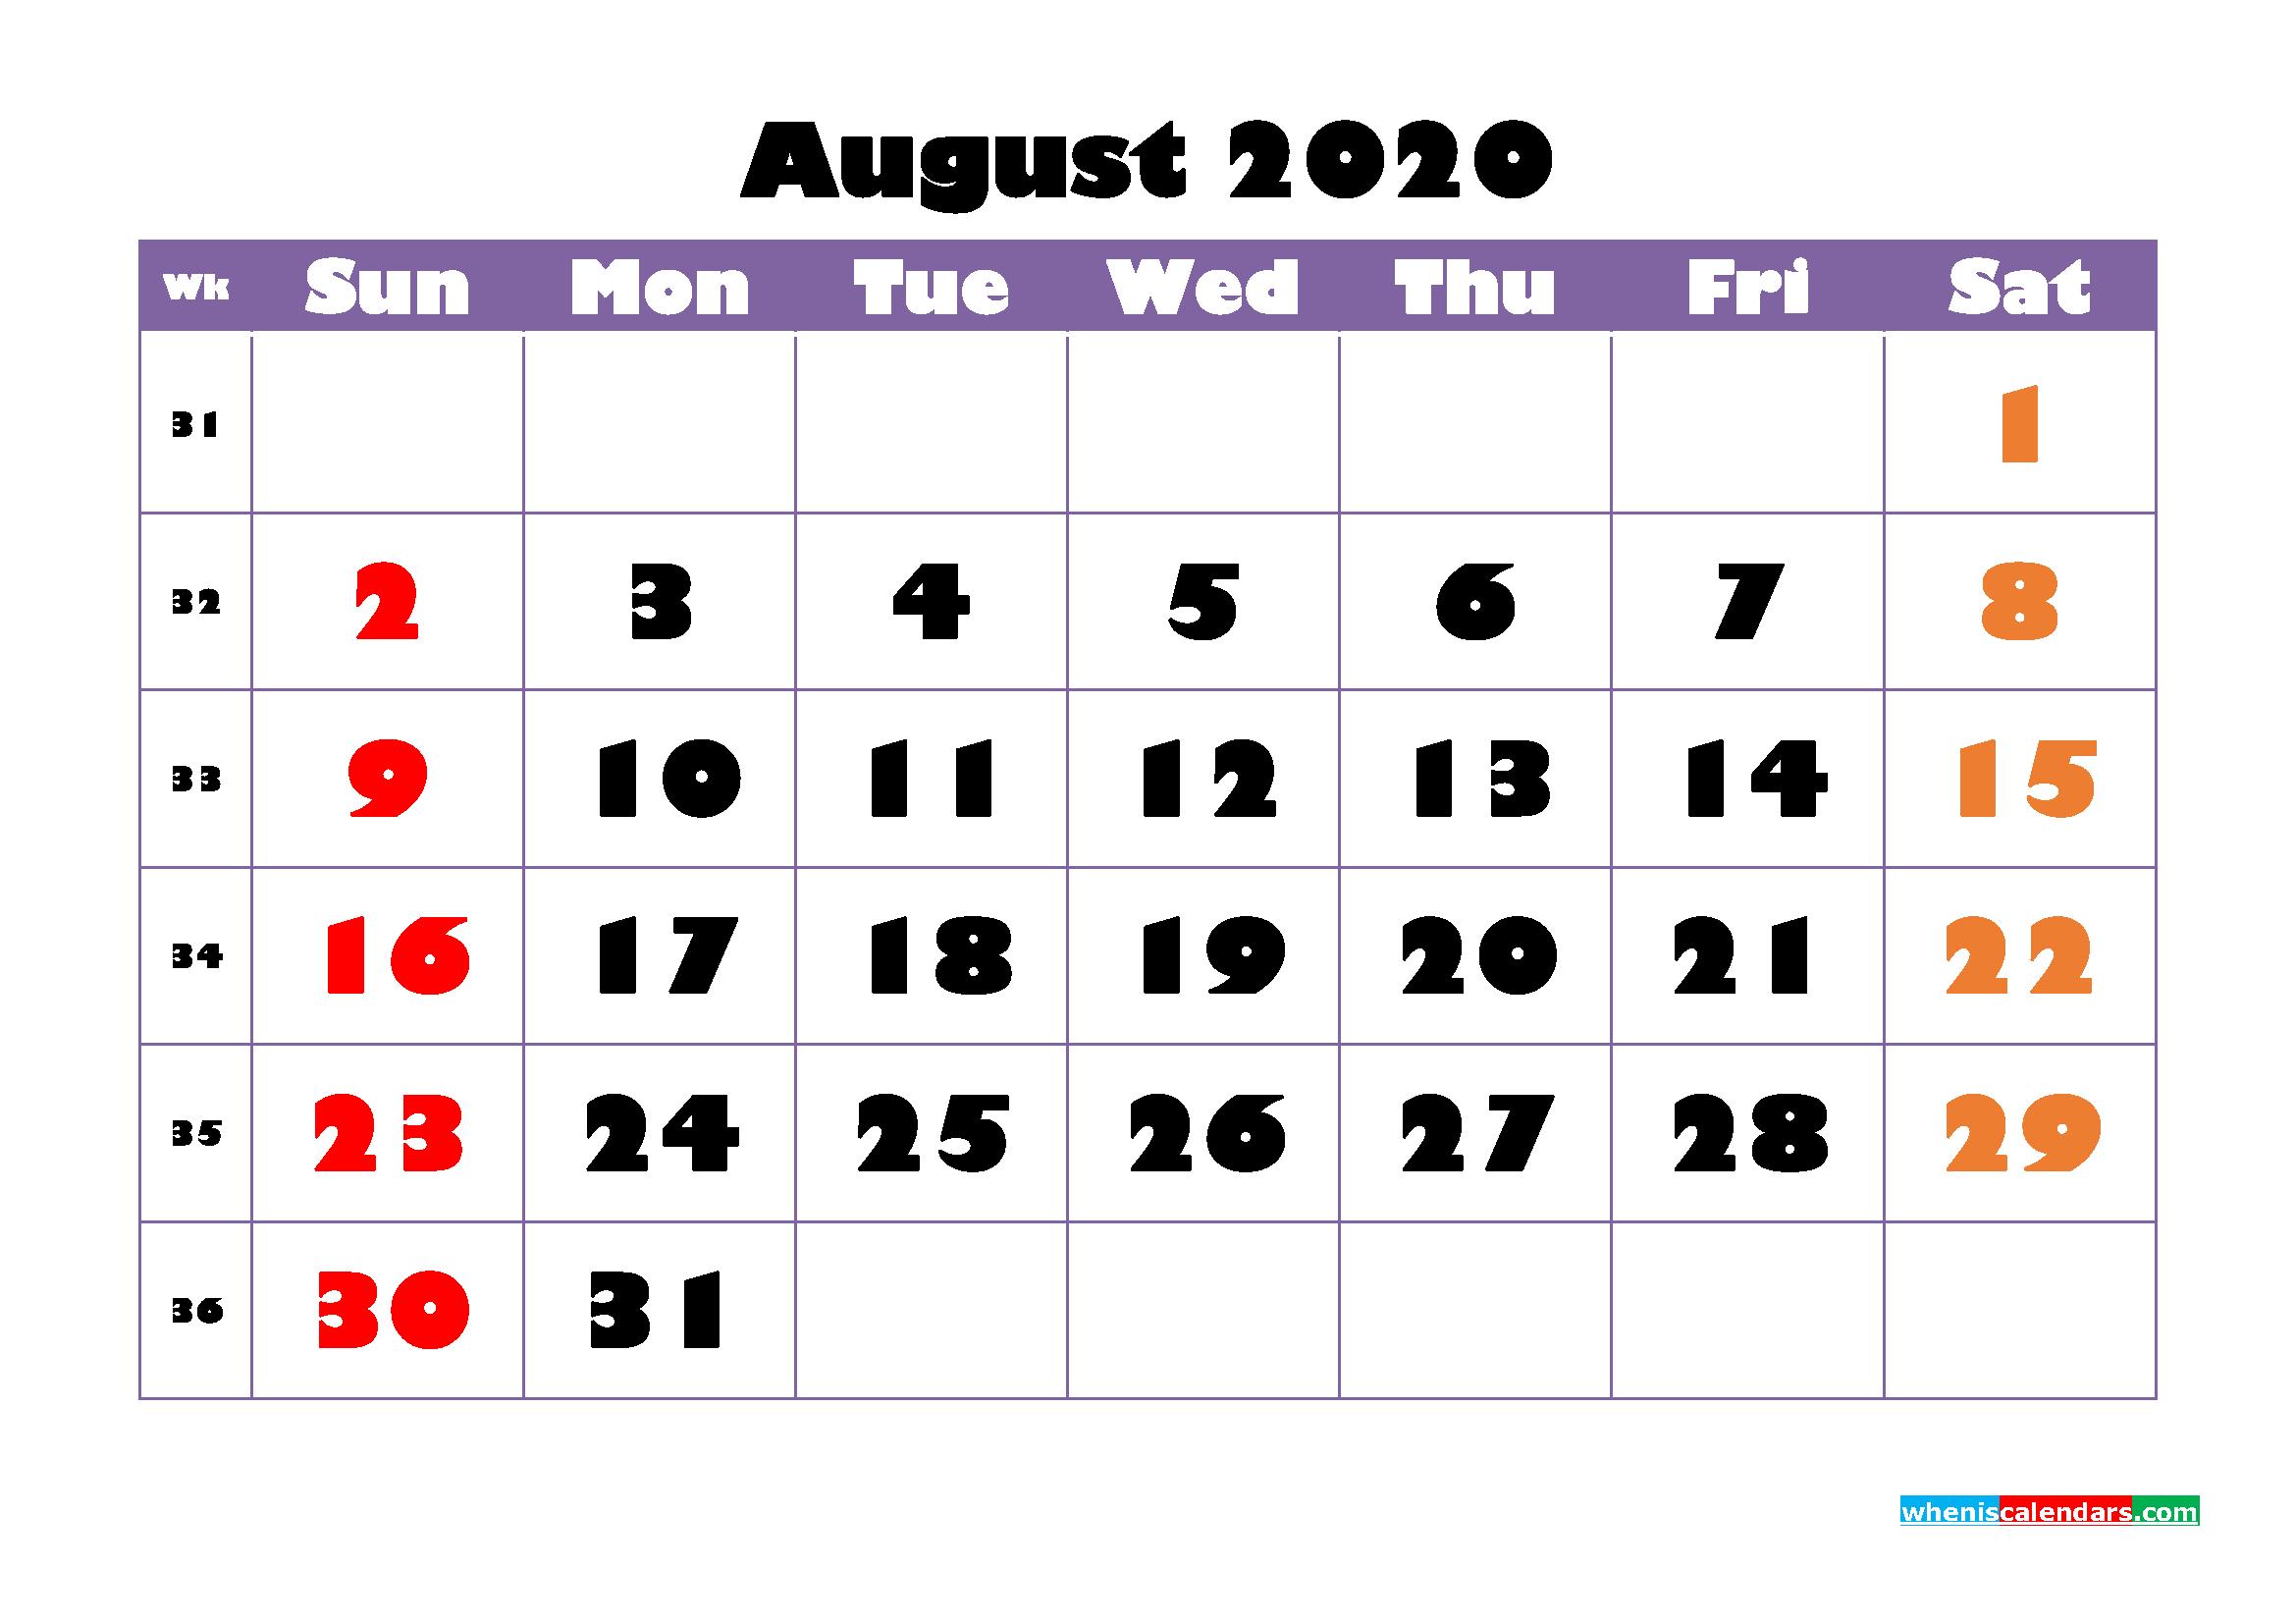 Free Printable August 2020 Calendar - No.m20b752